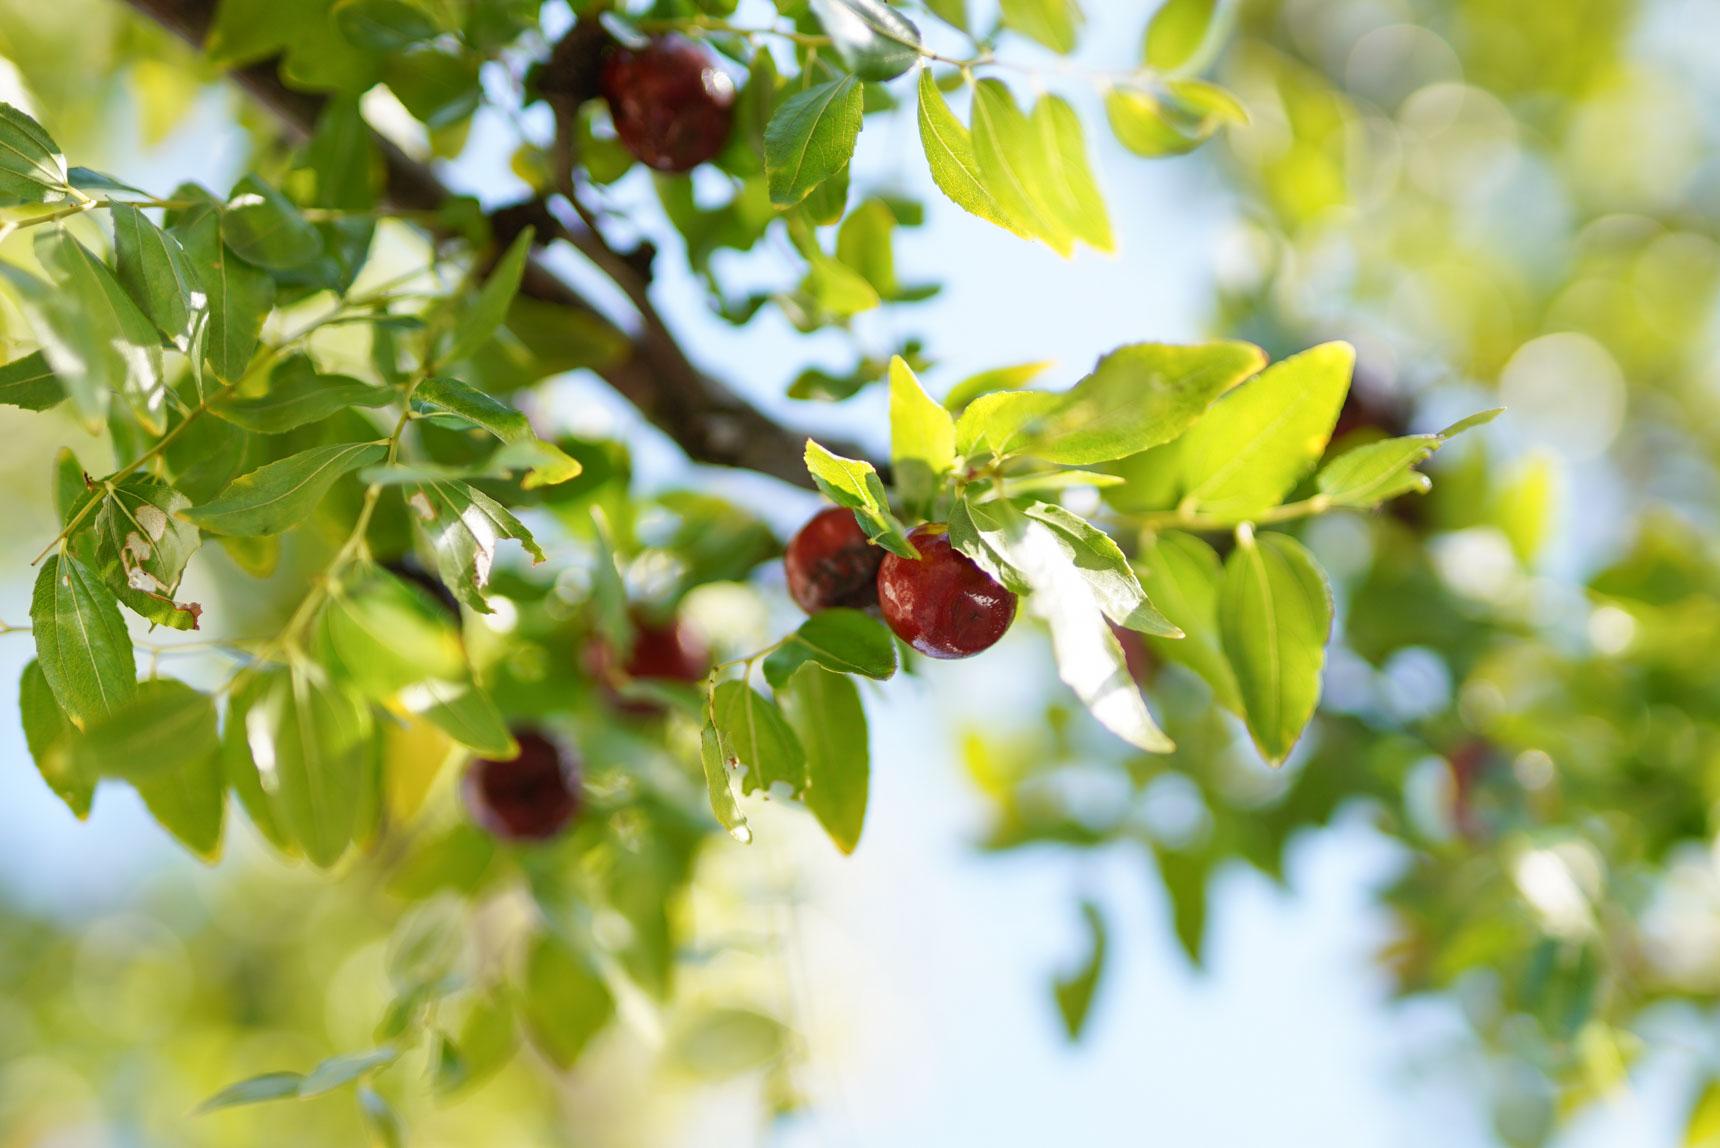 たくさん実がなっている木を見つけました!こちらはナツメの木。